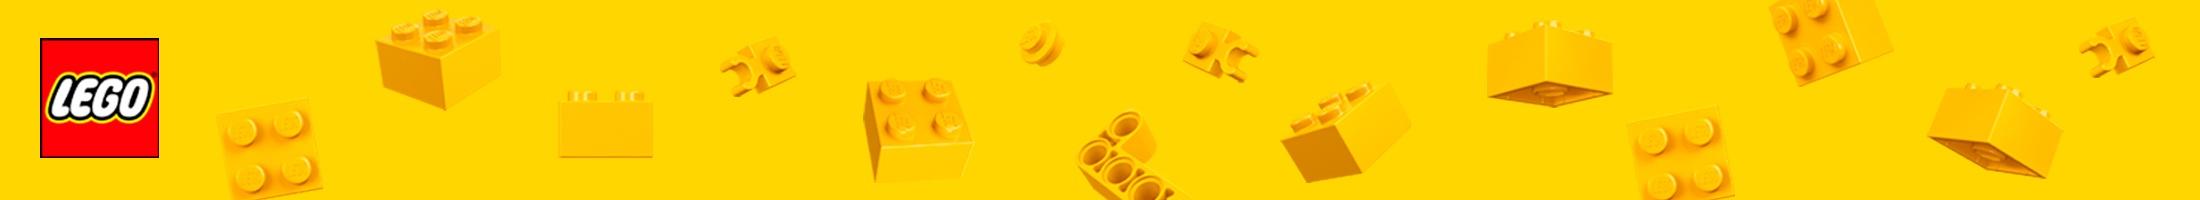 Joguines Lego